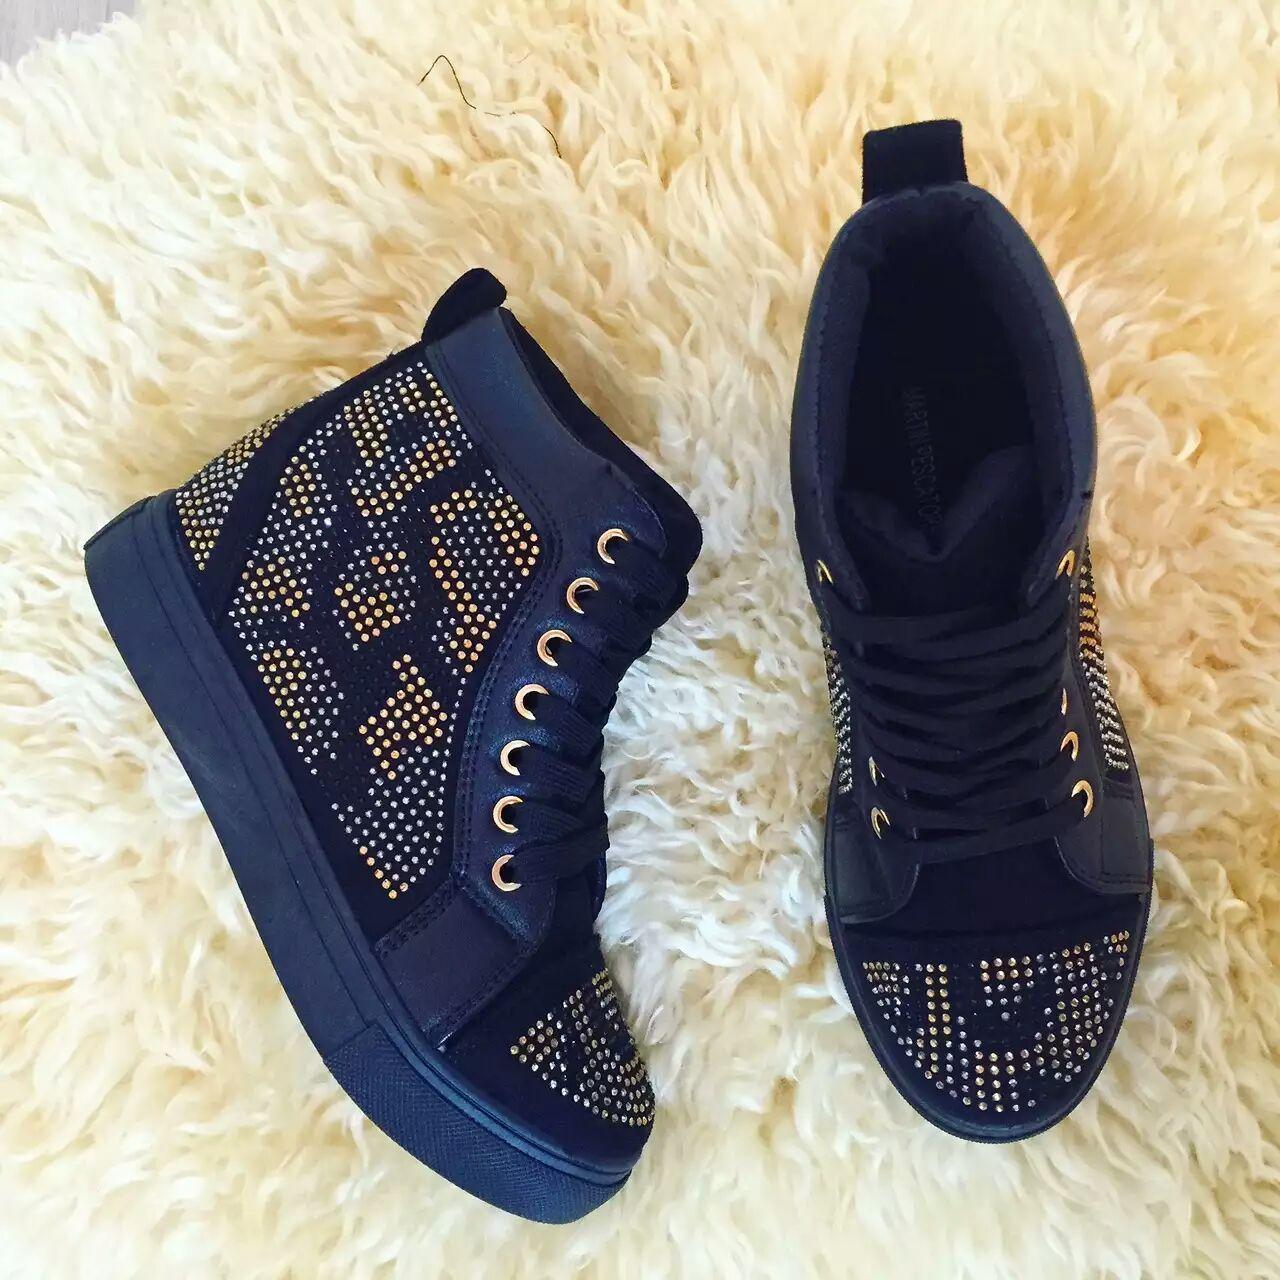 Sneakers con zeppa interna e strass oro/argento Martin Pescatore. Sneakers  donna con strass